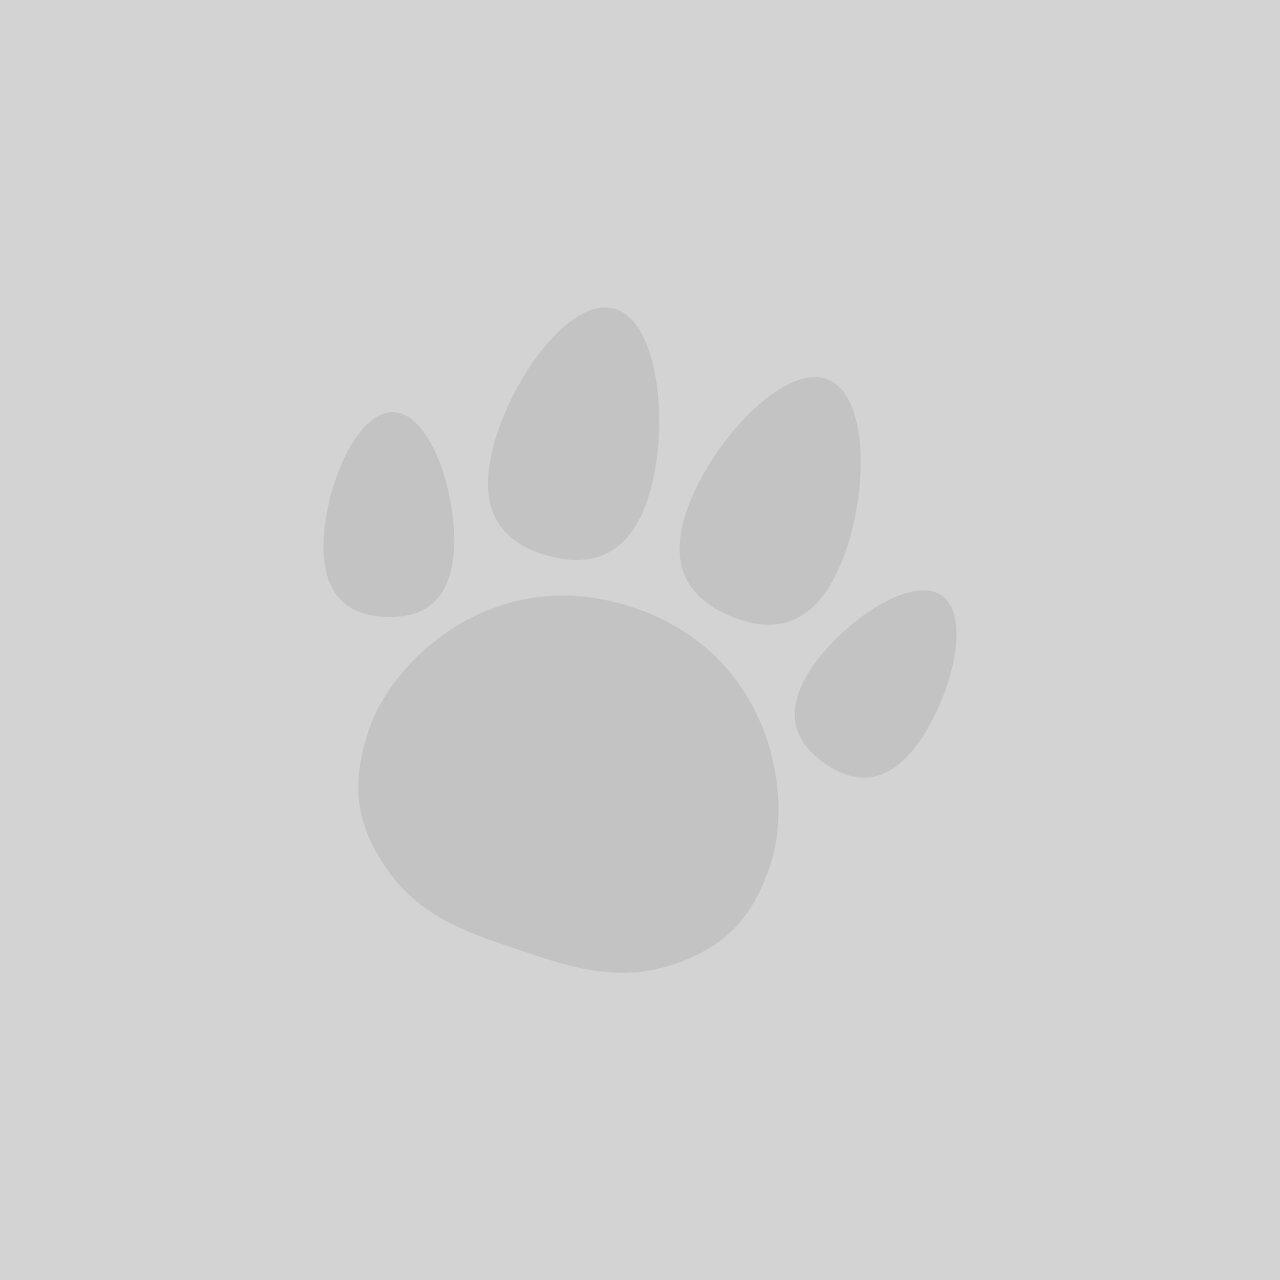 Pedigree Jumbone Small Dog Treat with Chicken and Lamb